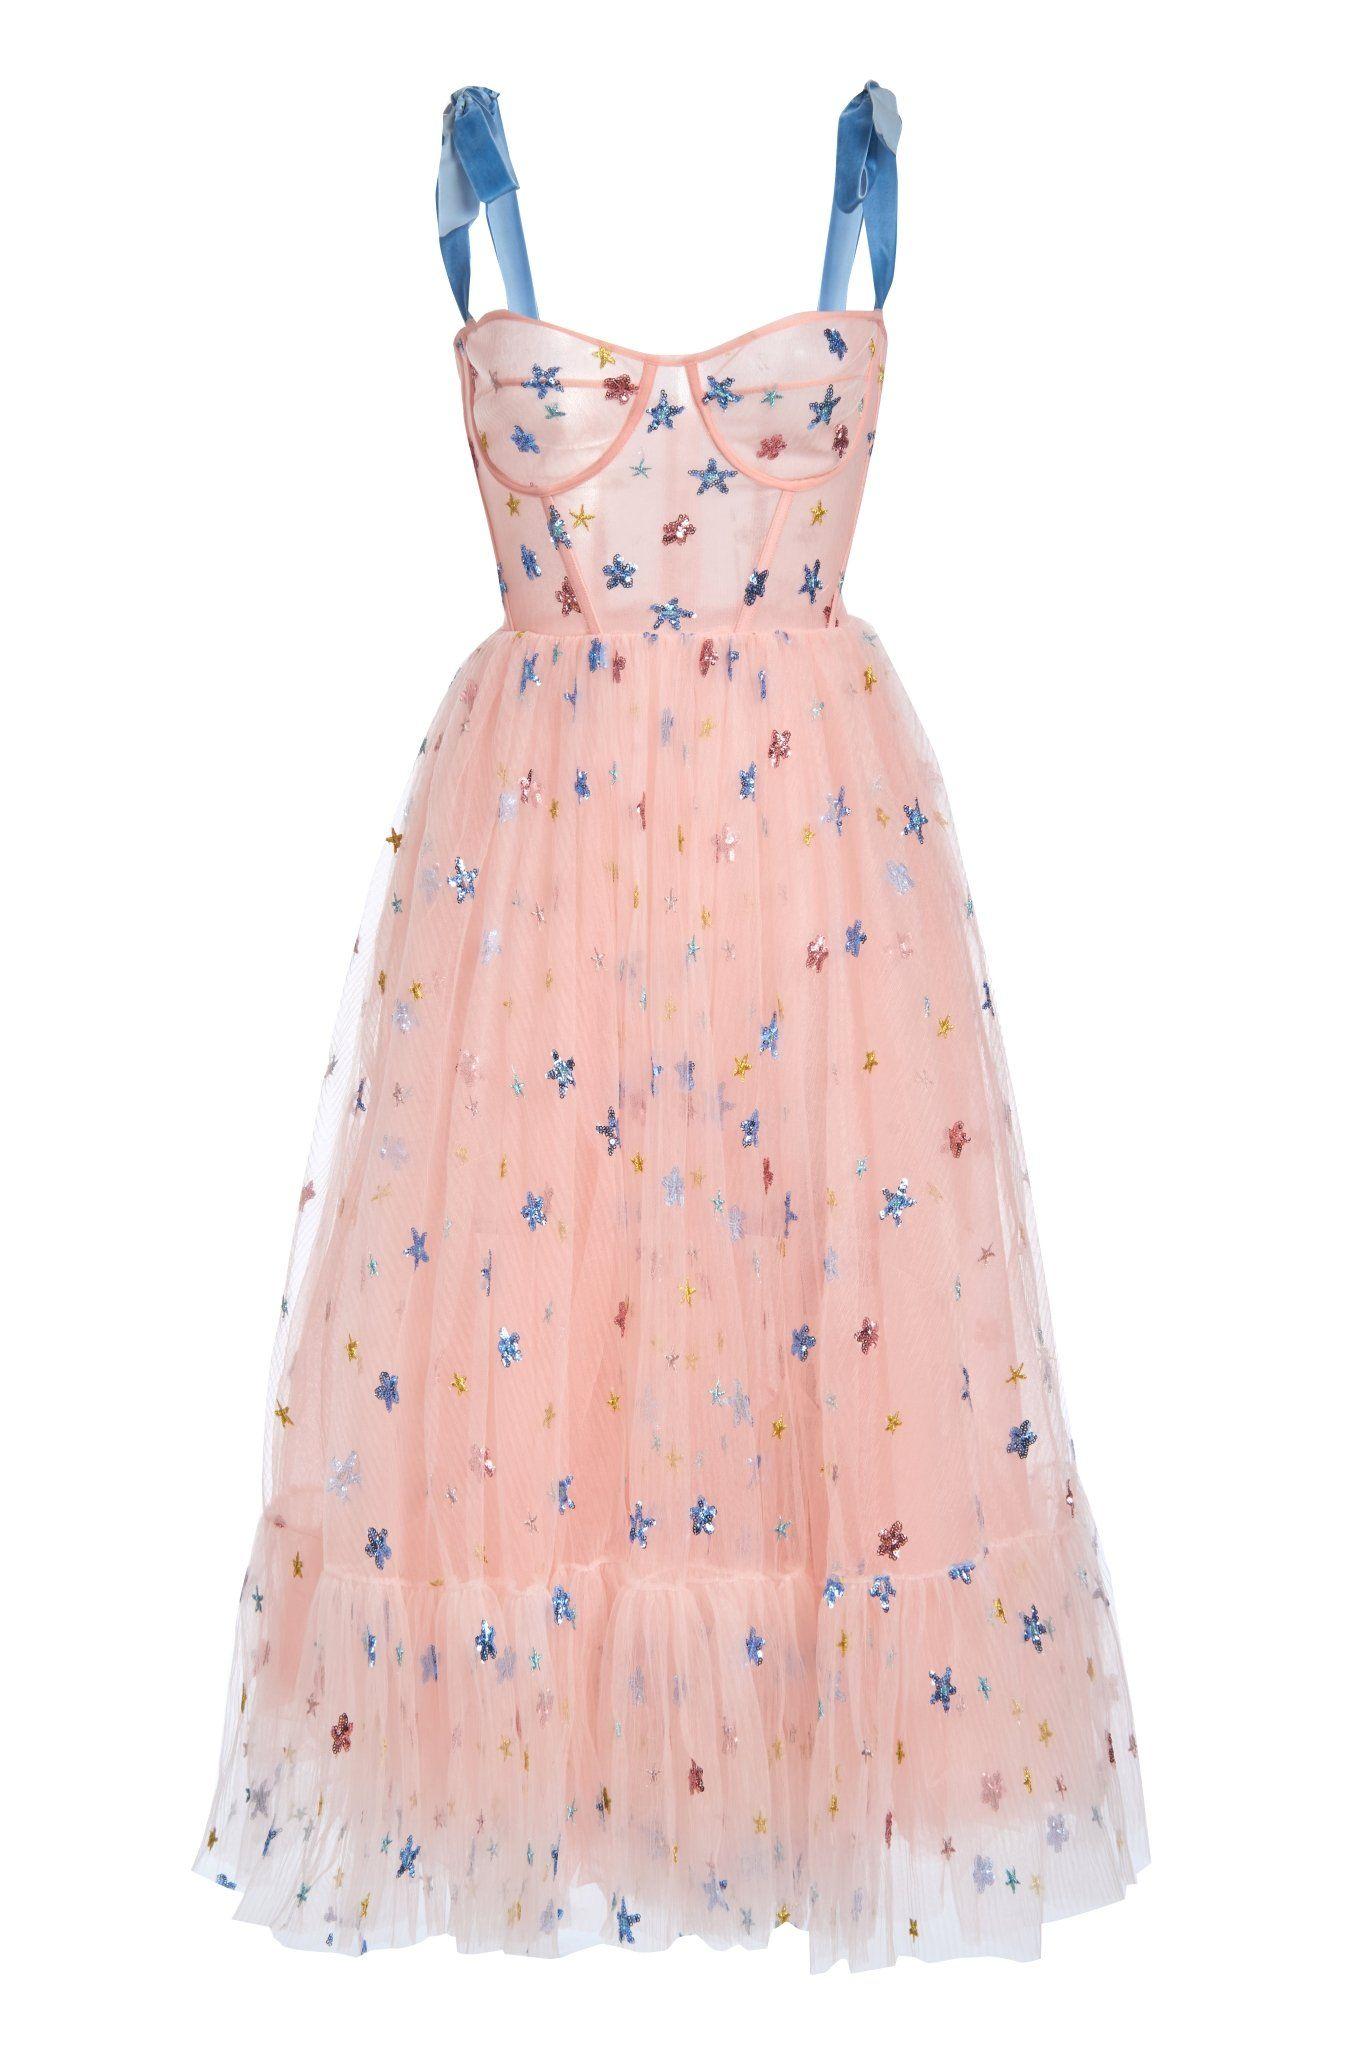 Strawberry Midi Dress Pretty Dresses Fancy Dresses Beautiful Dresses [ 1600 x 1490 Pixel ]